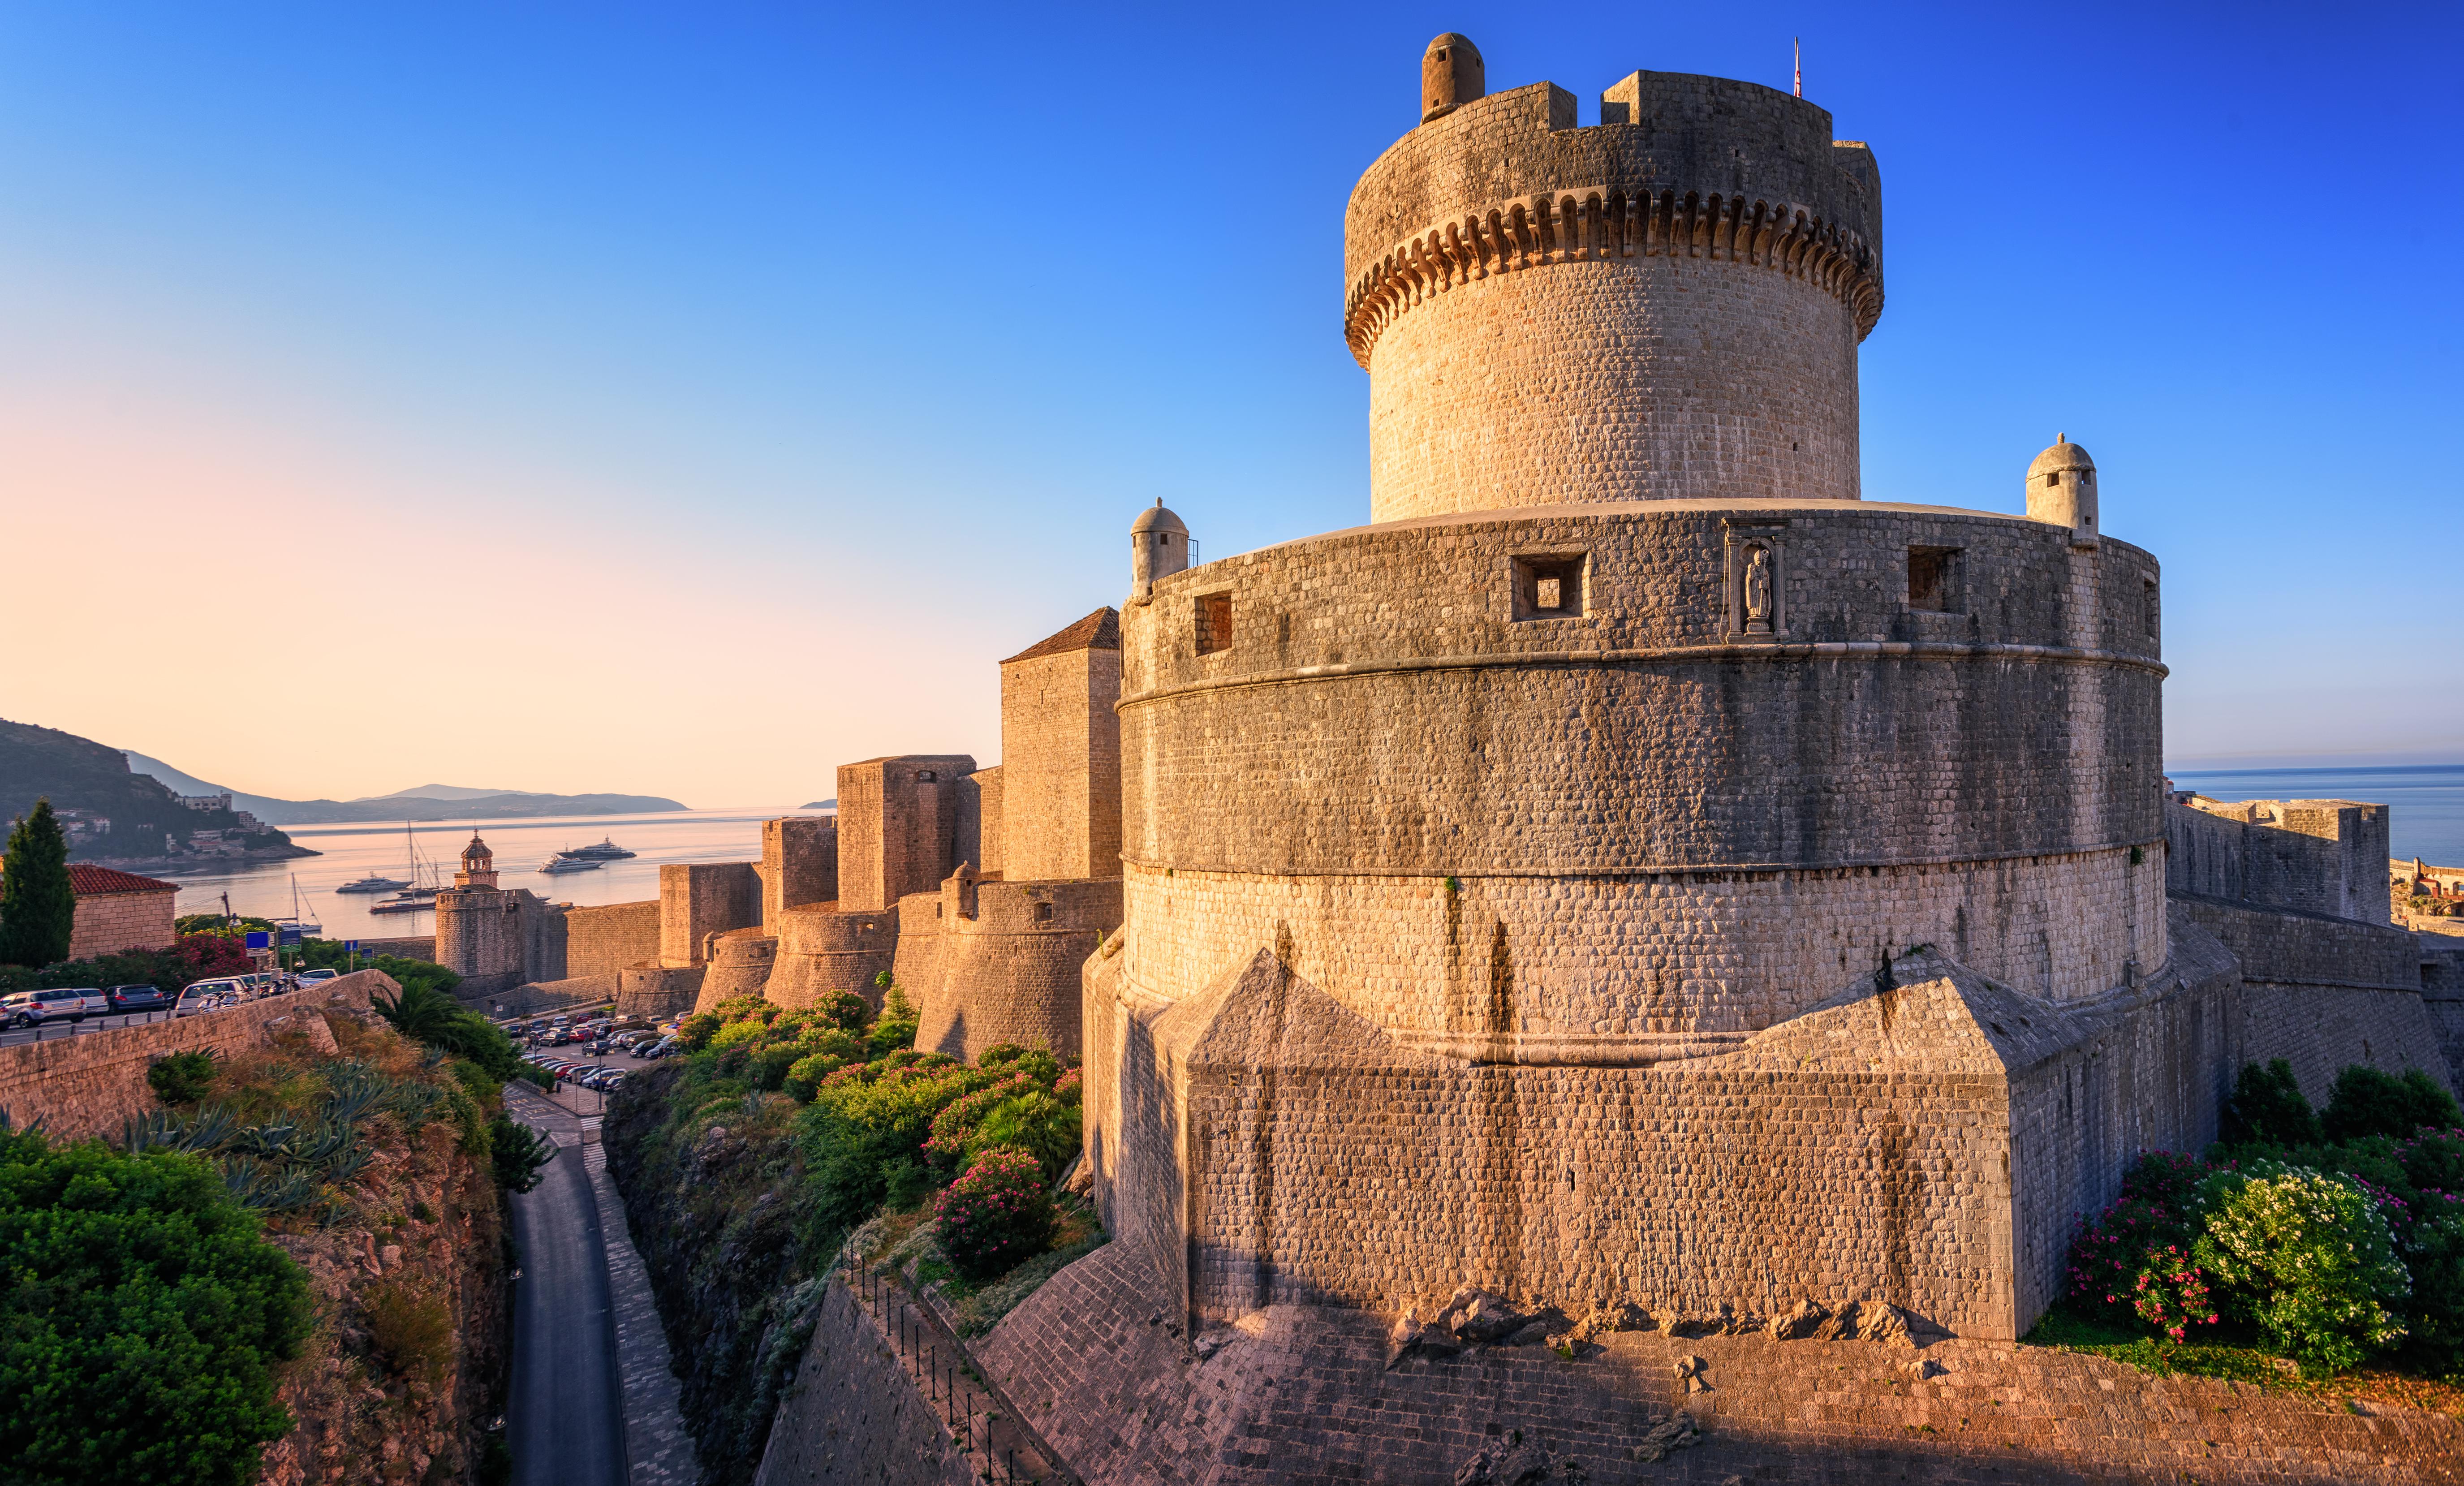 Domina Dubrovnik desde lo más alto - Croacia Circuito Lo Mejor de Croacia y Bosnia